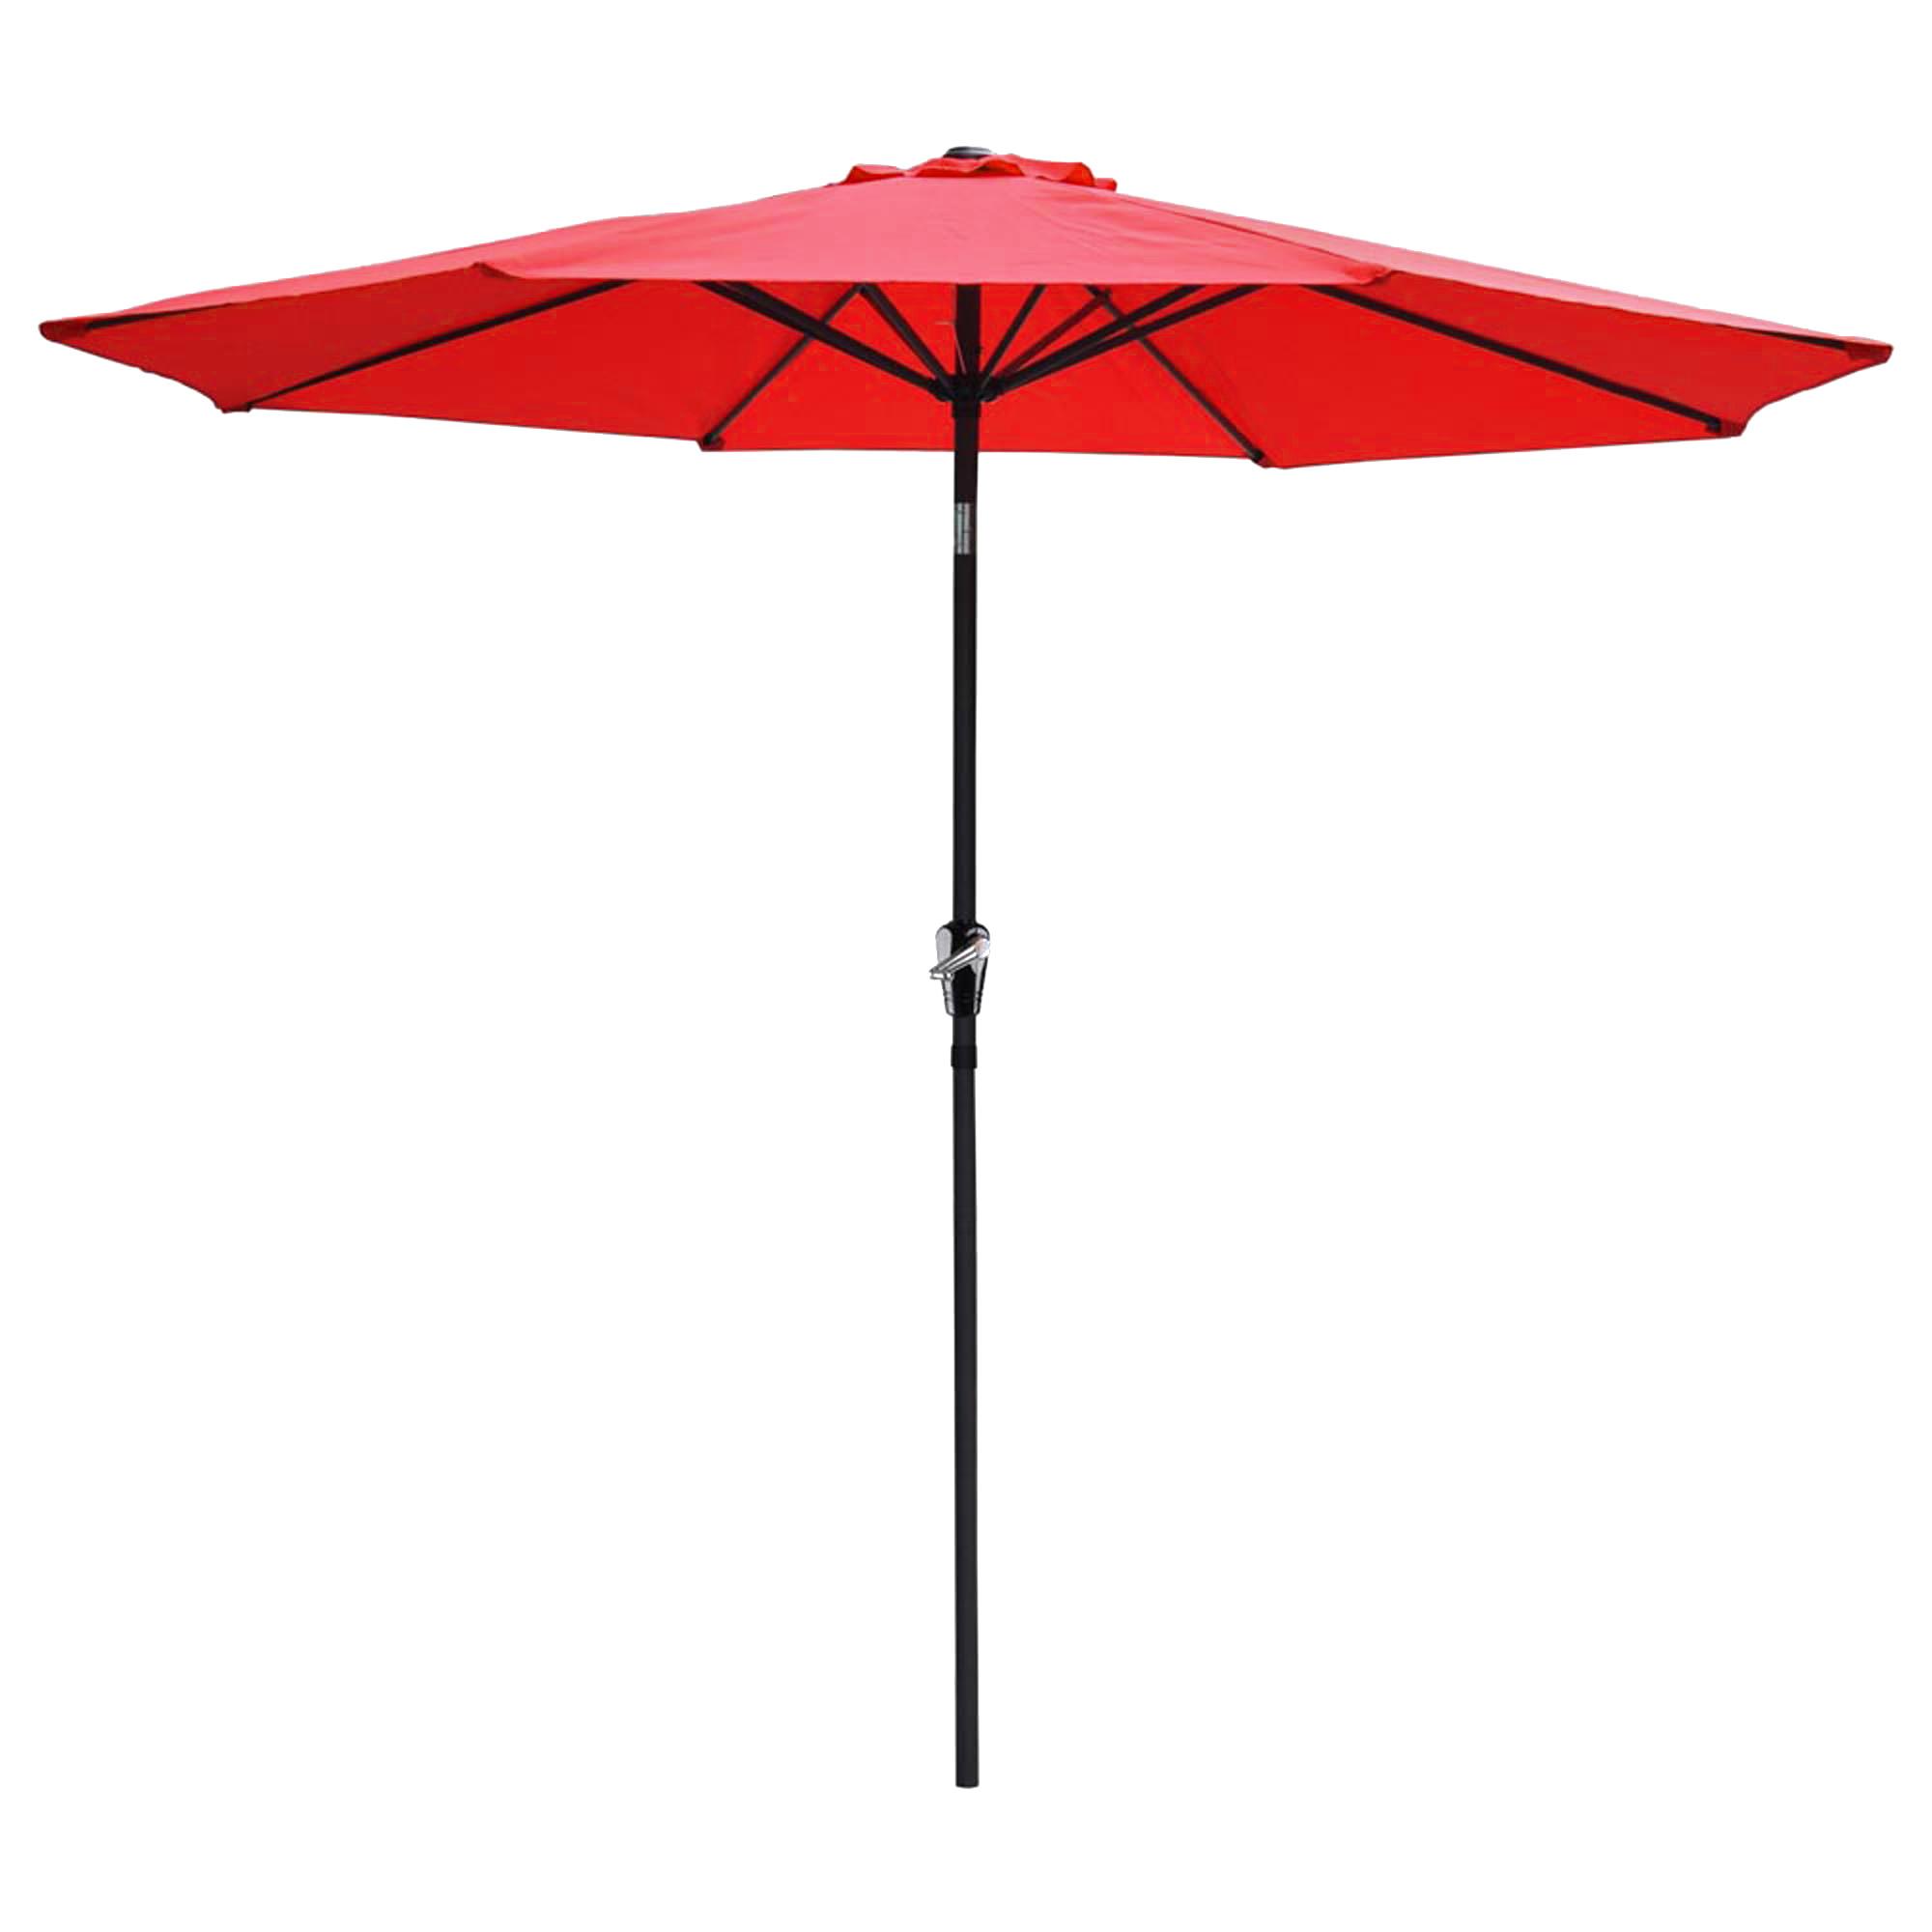 thumbnail 86 - 9' Outdoor Umbrella Patio 8 Ribs Market Garden Crank Tilt Beach Sunshade Parasol